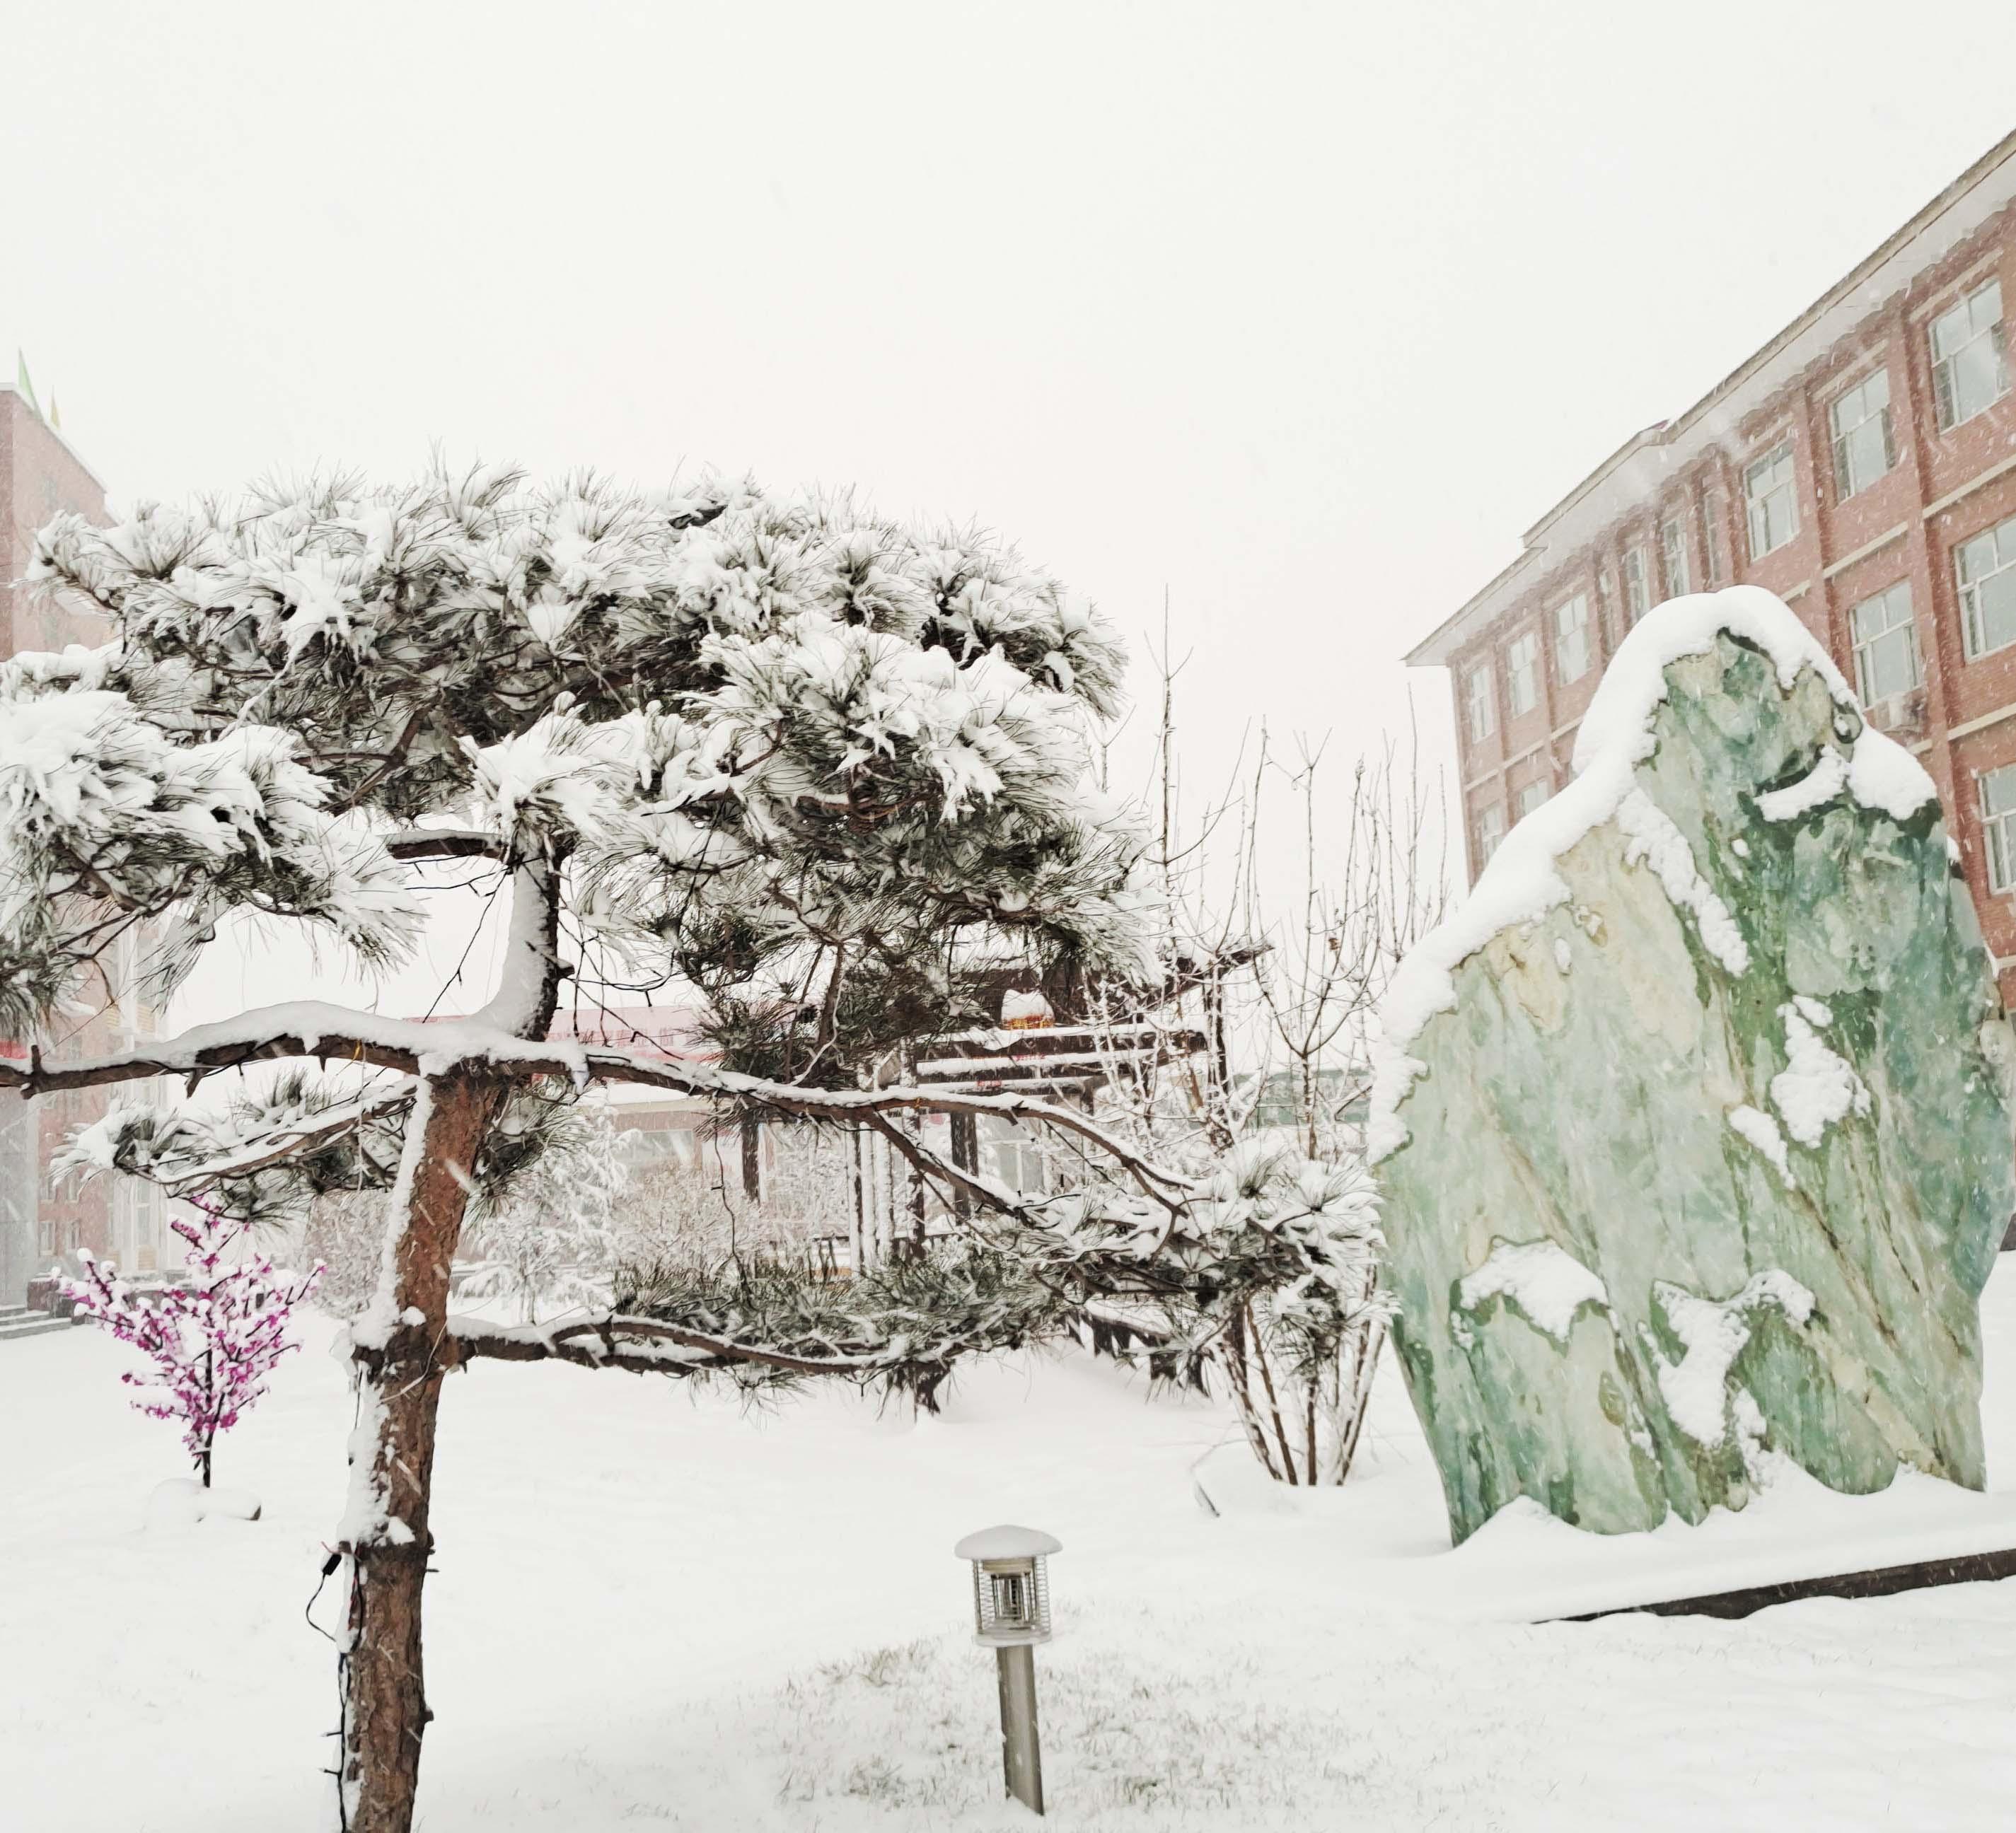 冬雪落春风,沁润吾心安